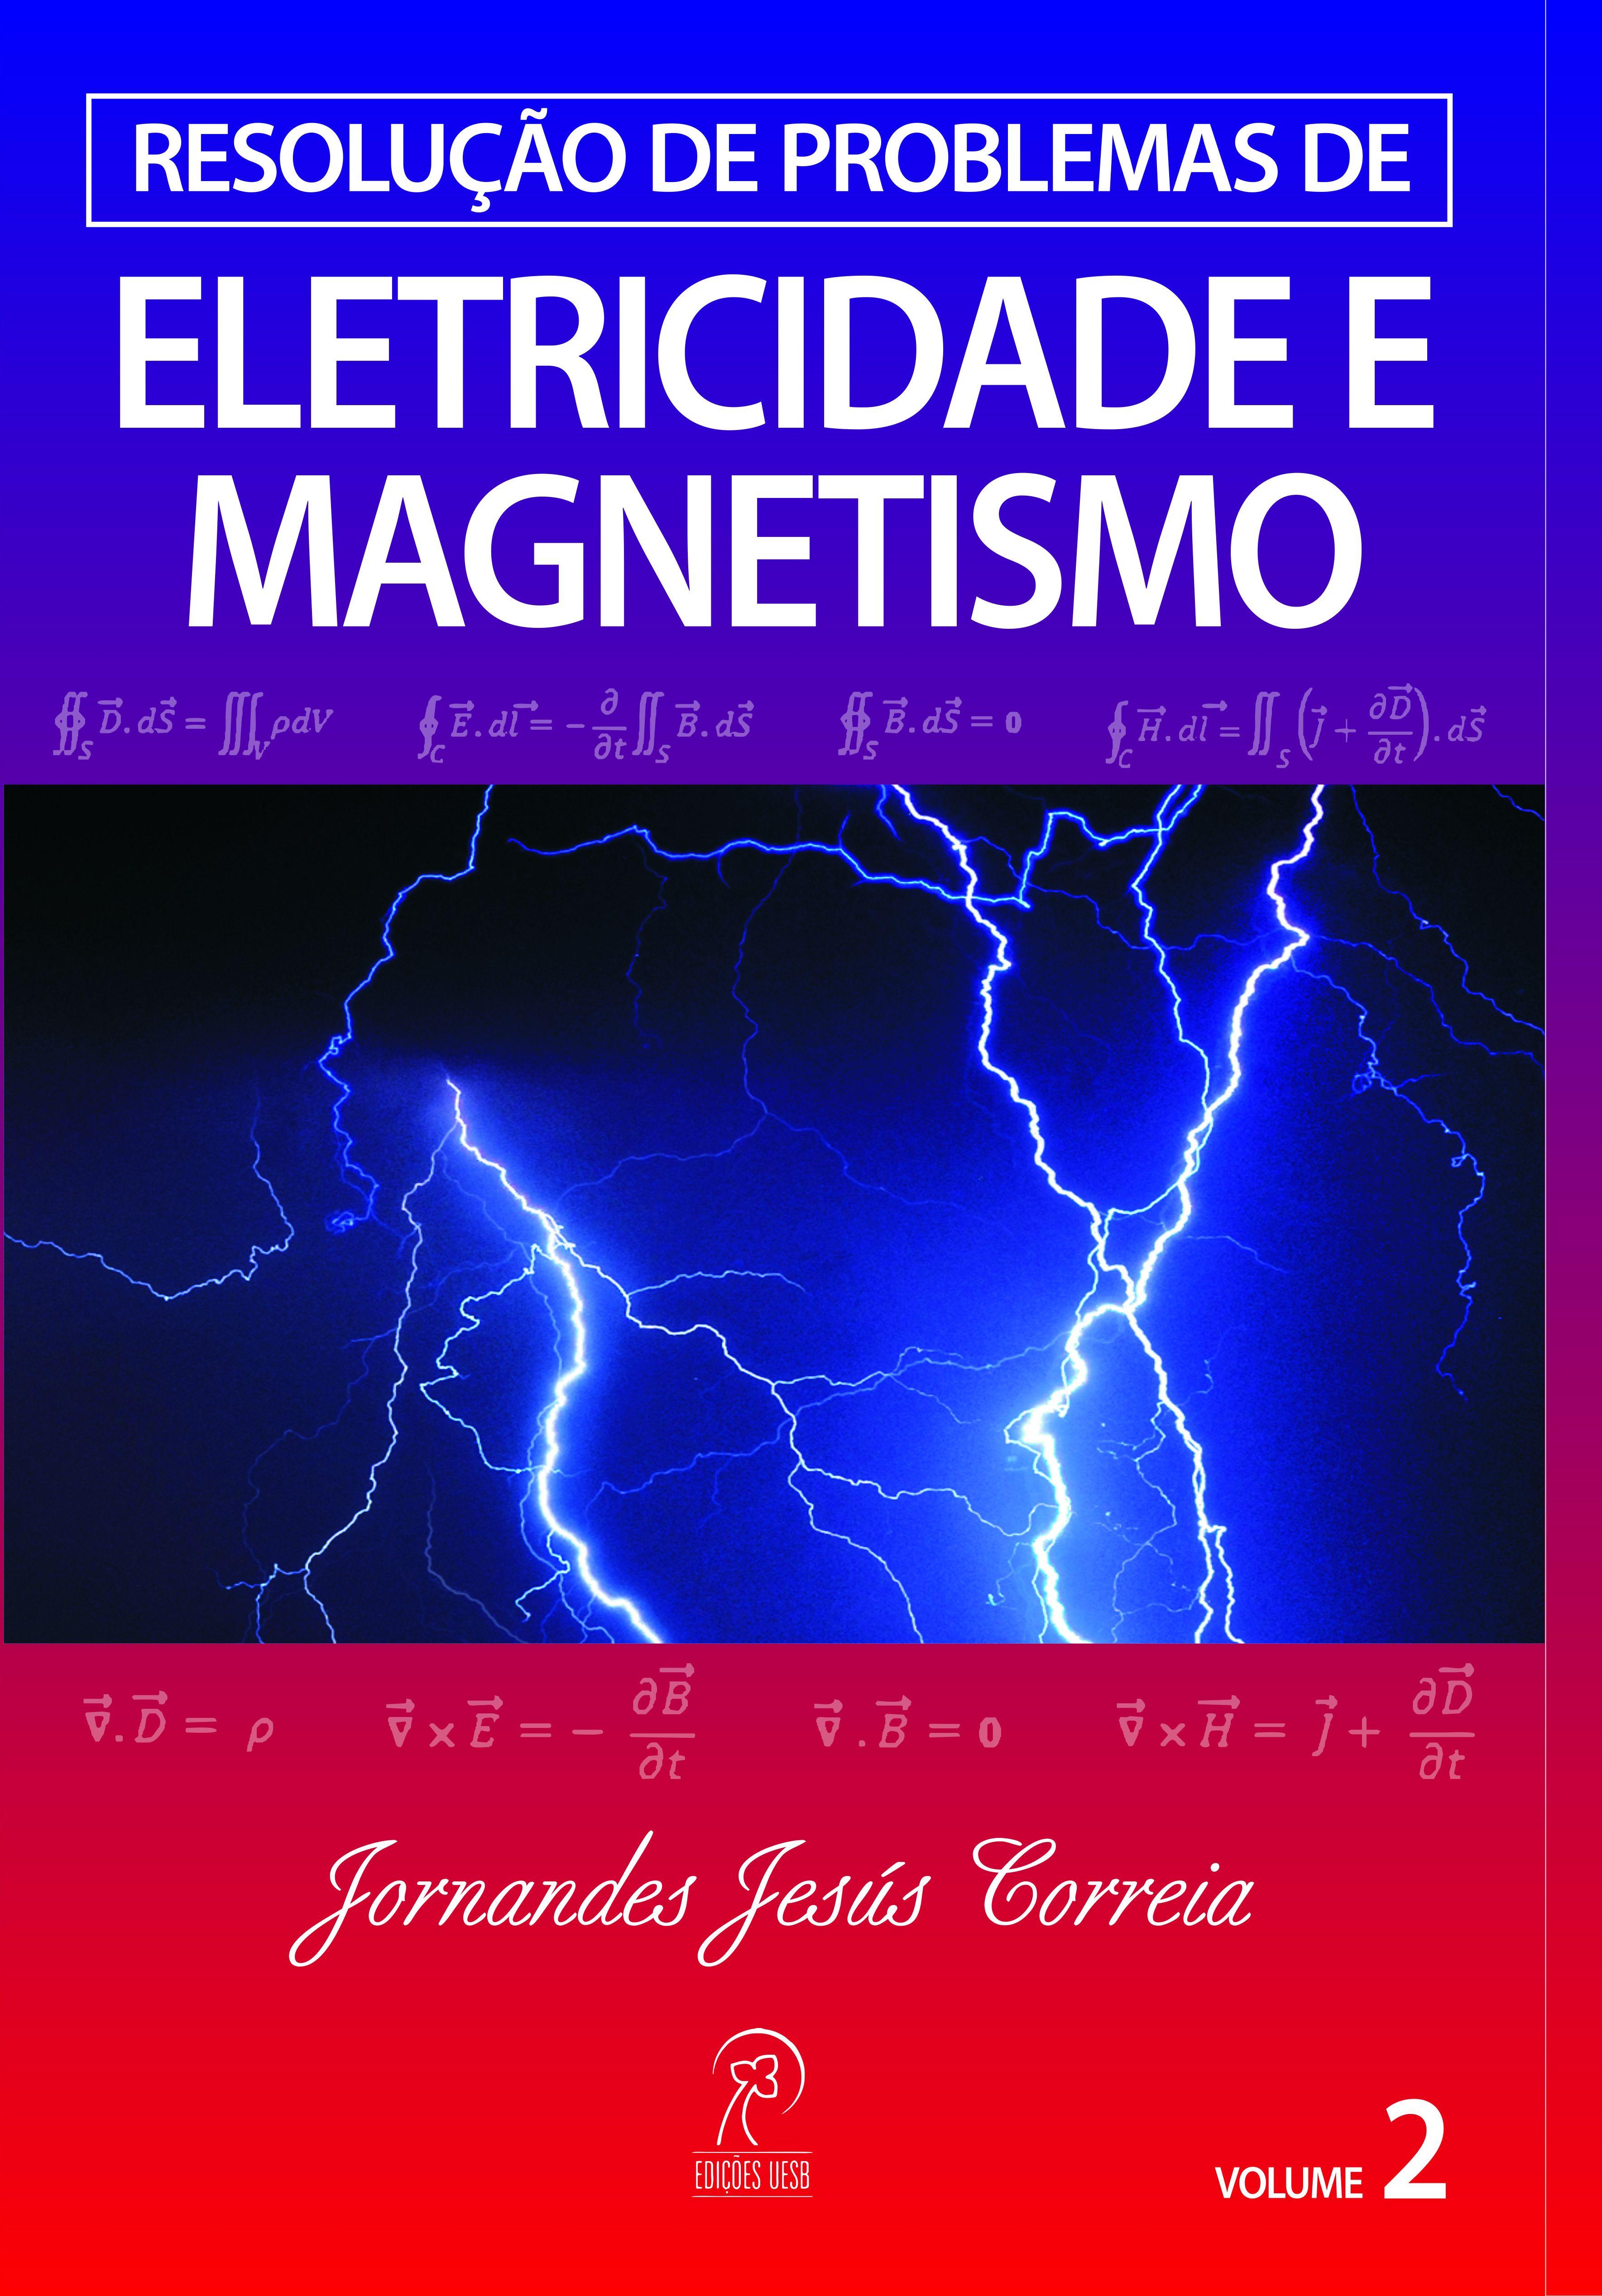 Resolução de problemas de eletricidade e magnetismo v. 2